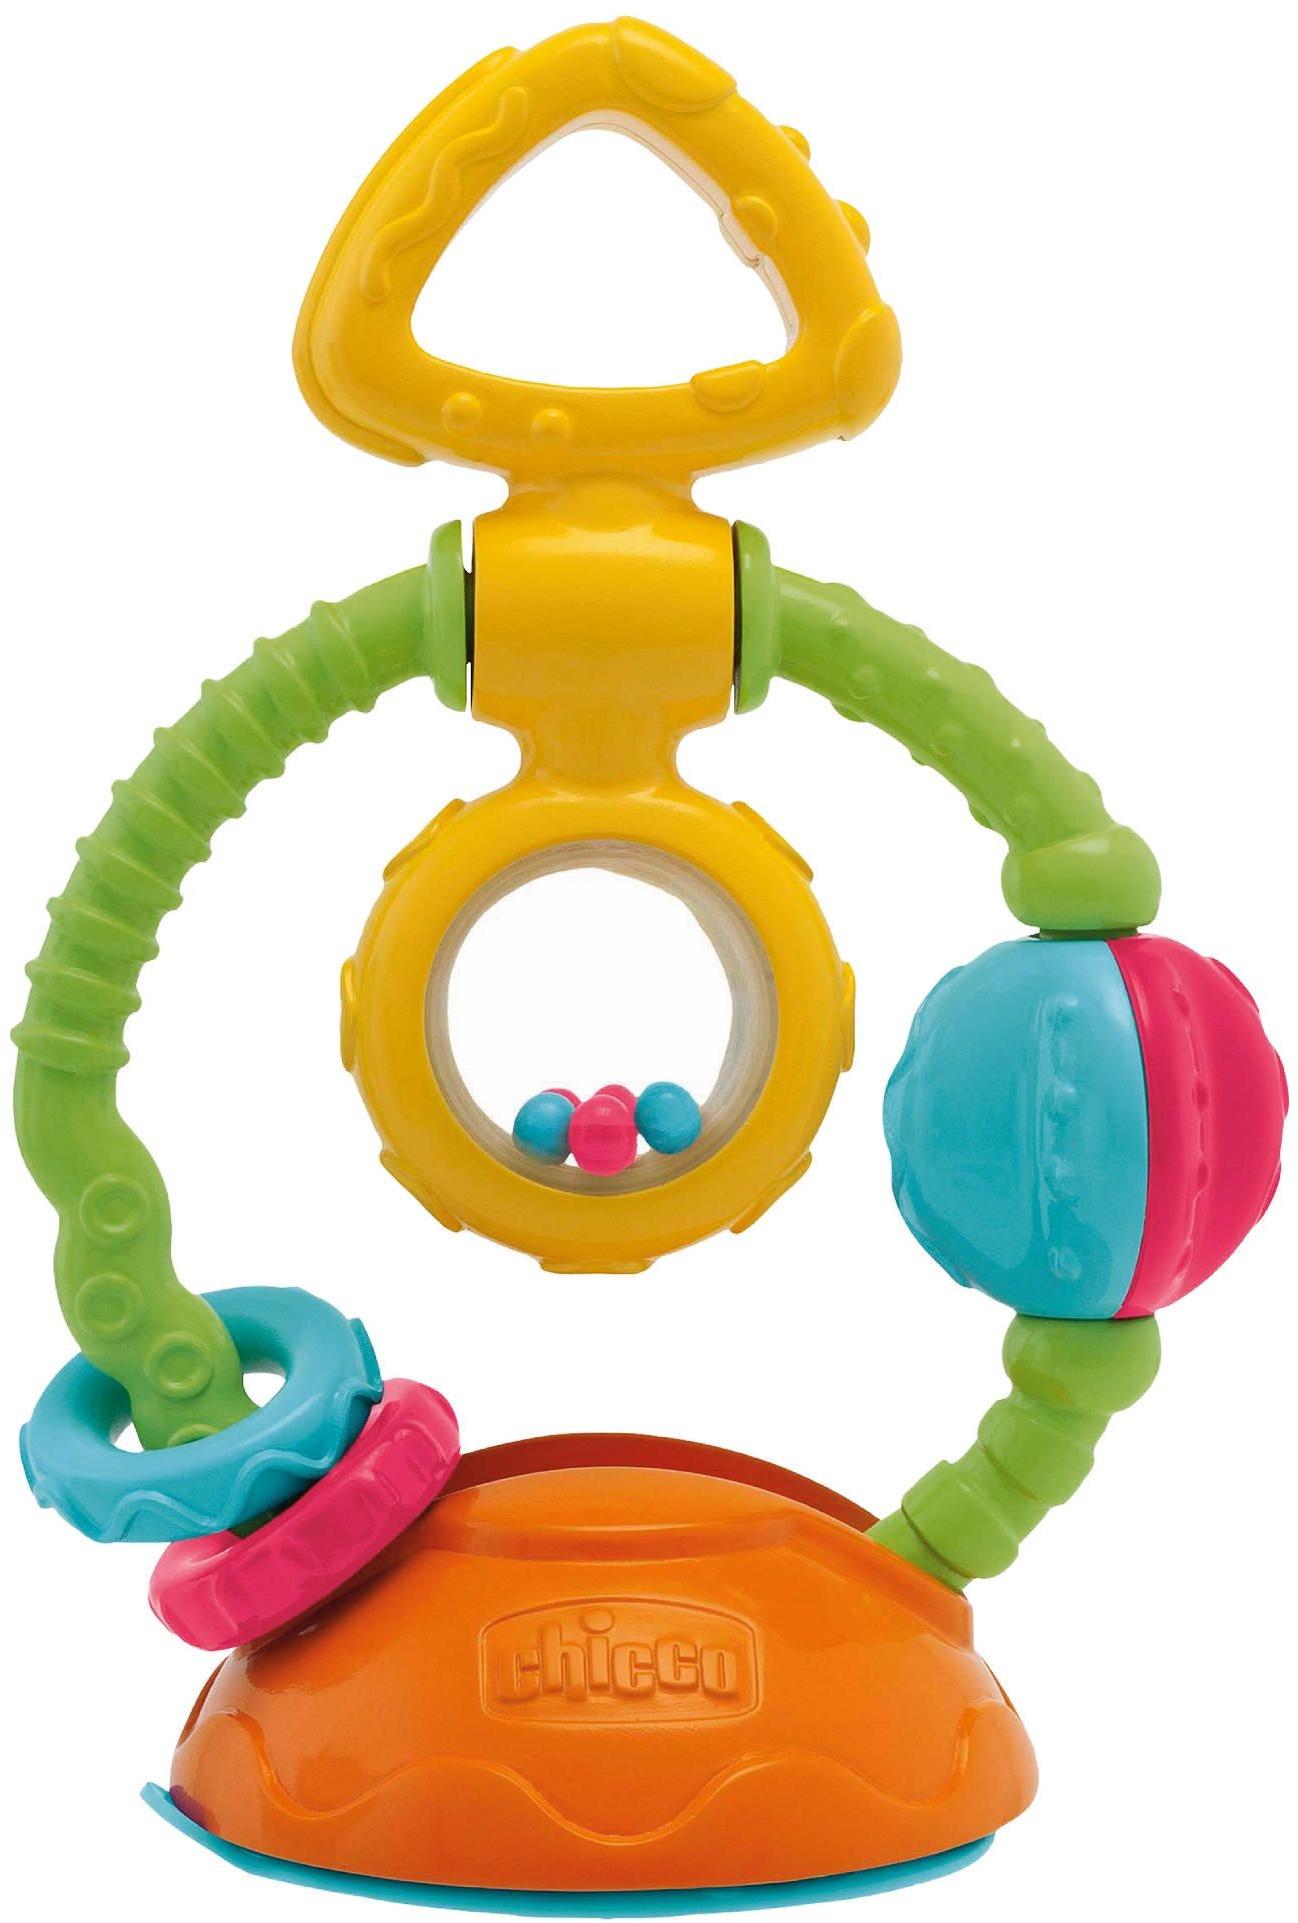 Развивающая игрушка Chicco 19566 развивающая игрушка chicco золушка для стульчика